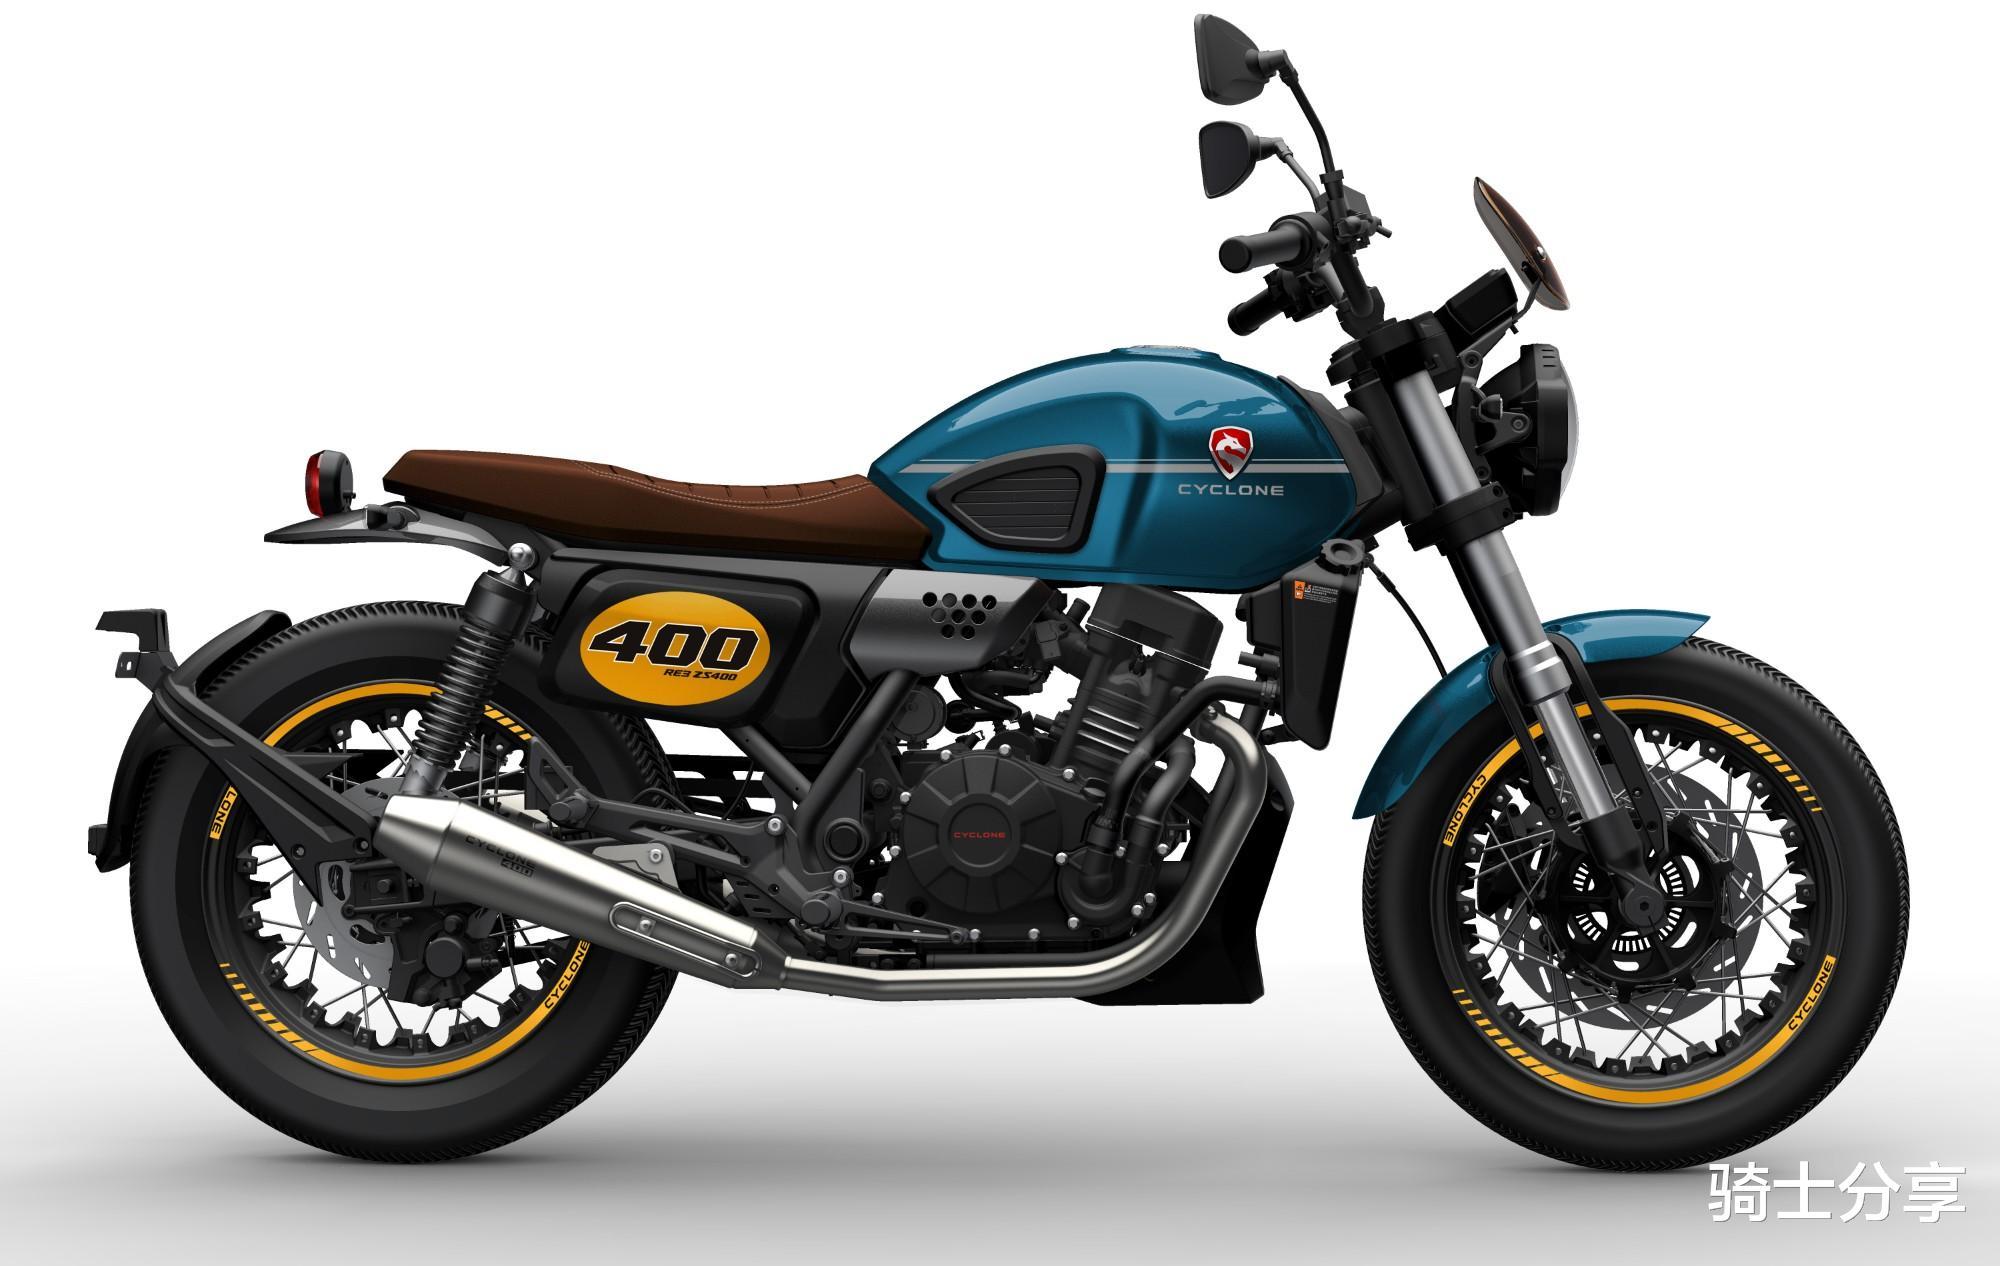 39歲,喜歡摩托車但屬於零經驗,主要周末小長途,選哪款好?-圖5